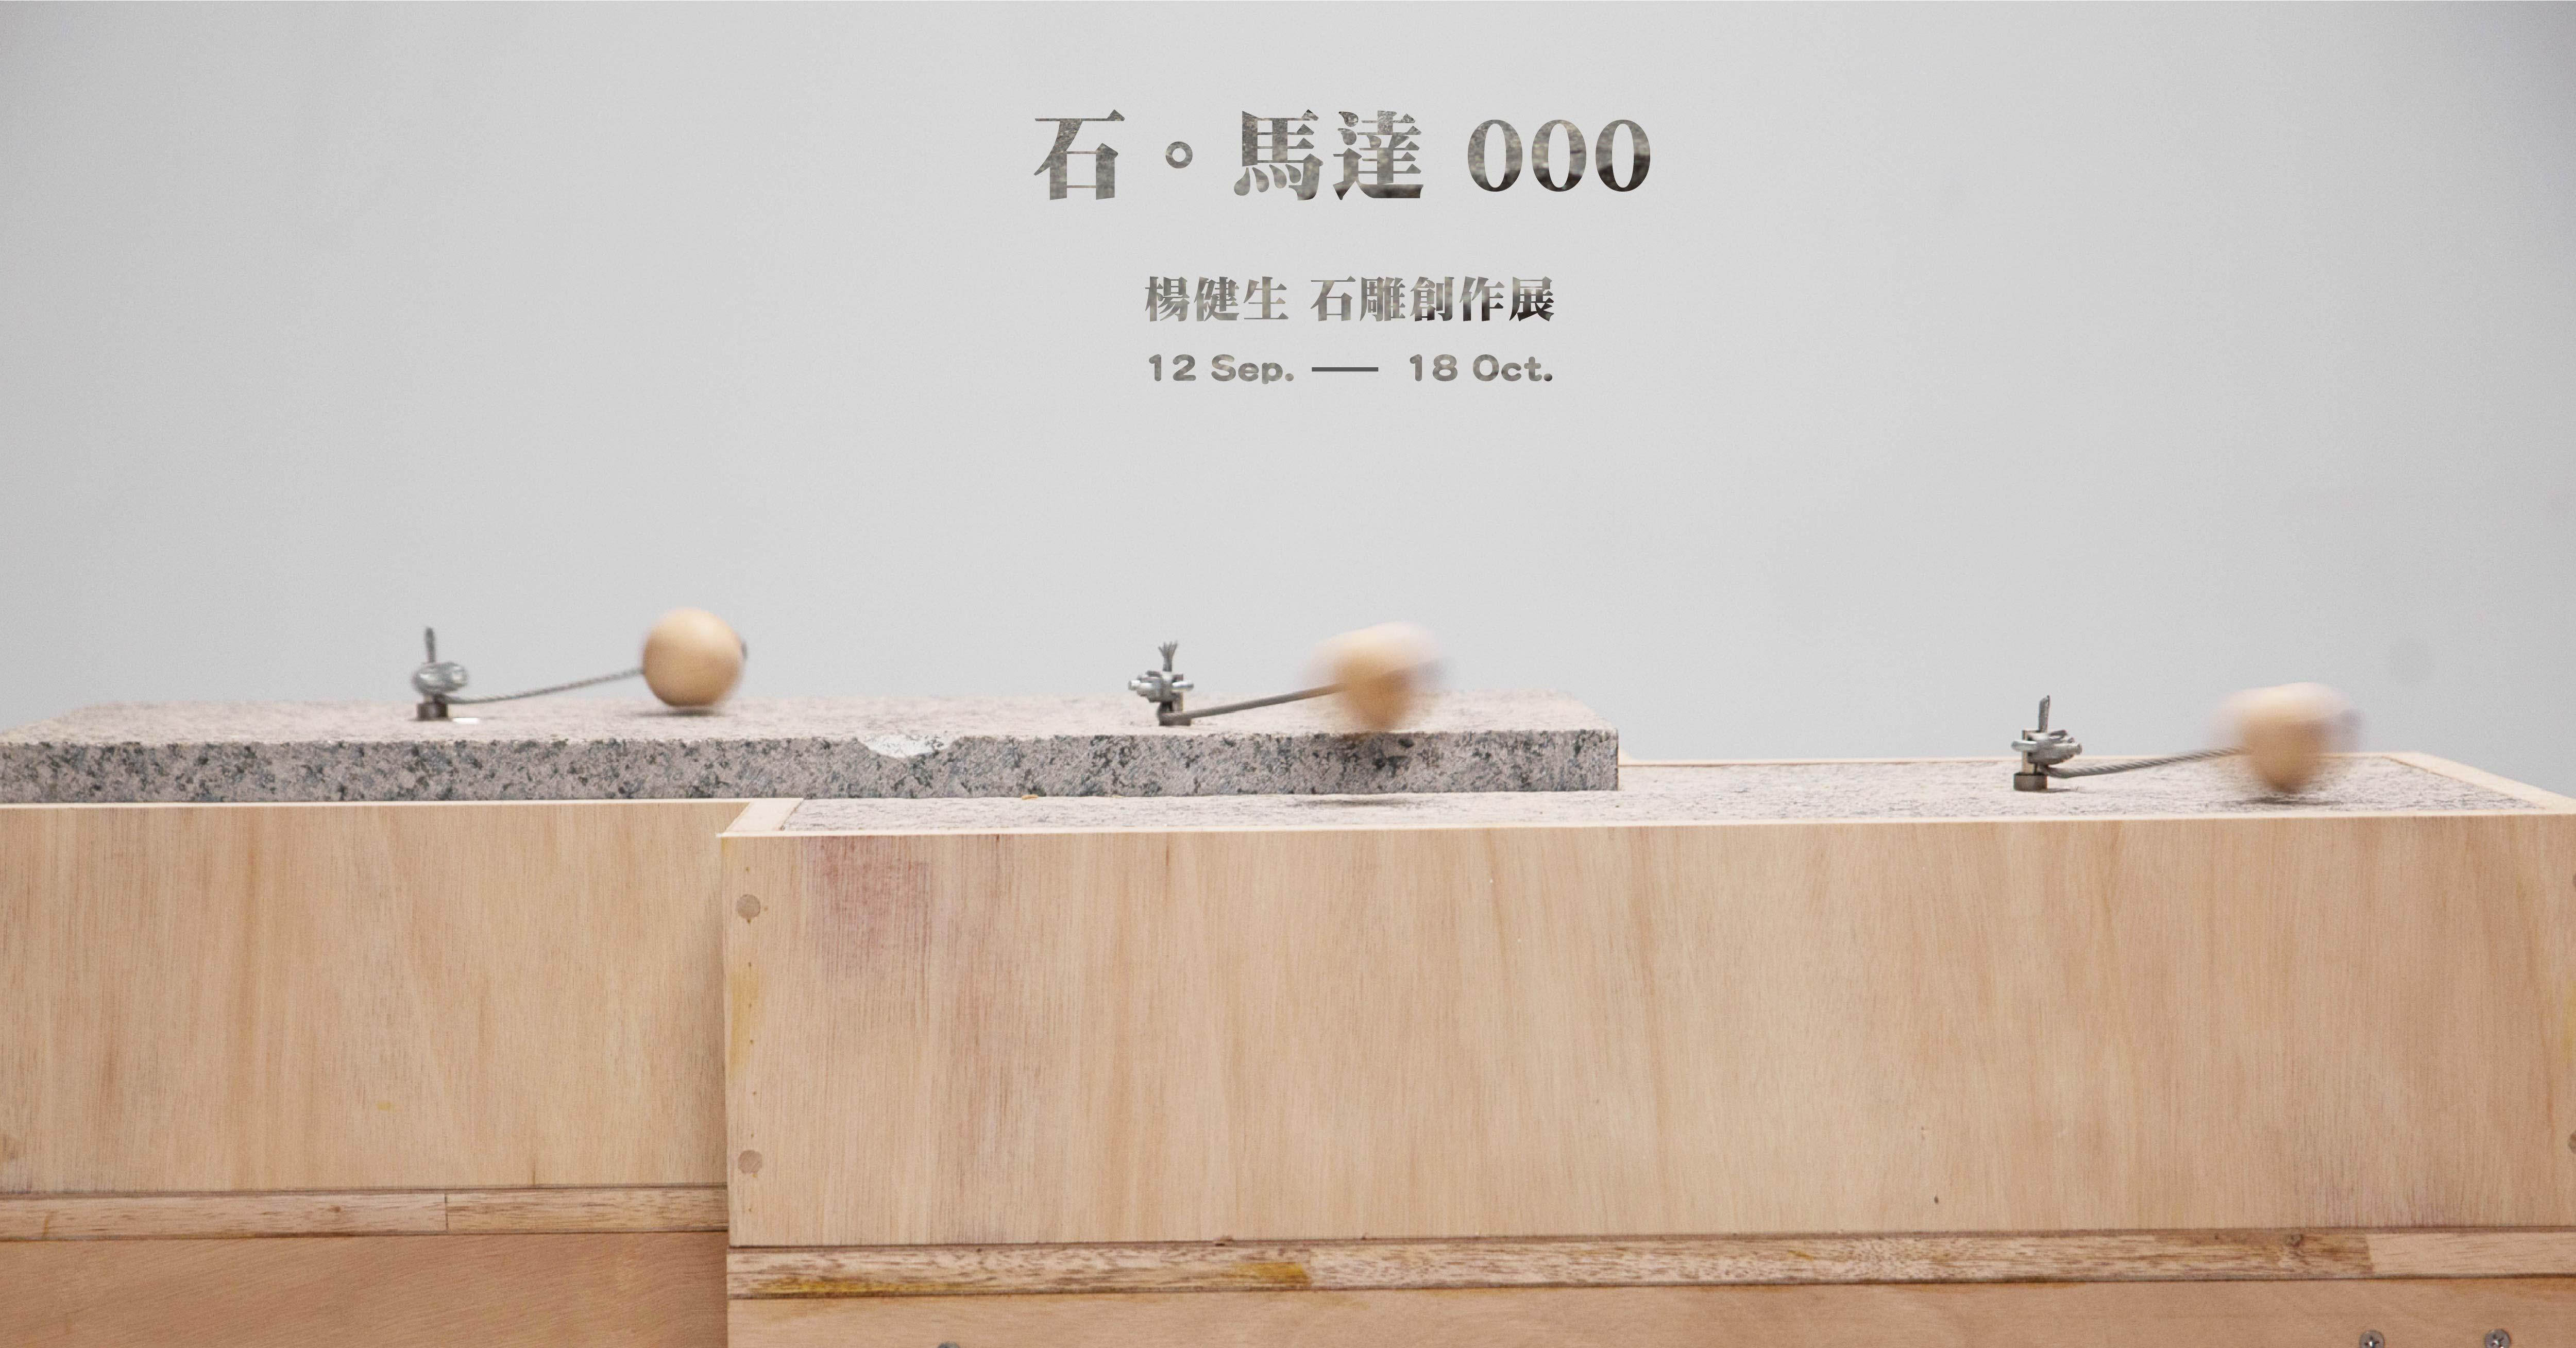 楊健生 石雕創作展【石。馬達 000】